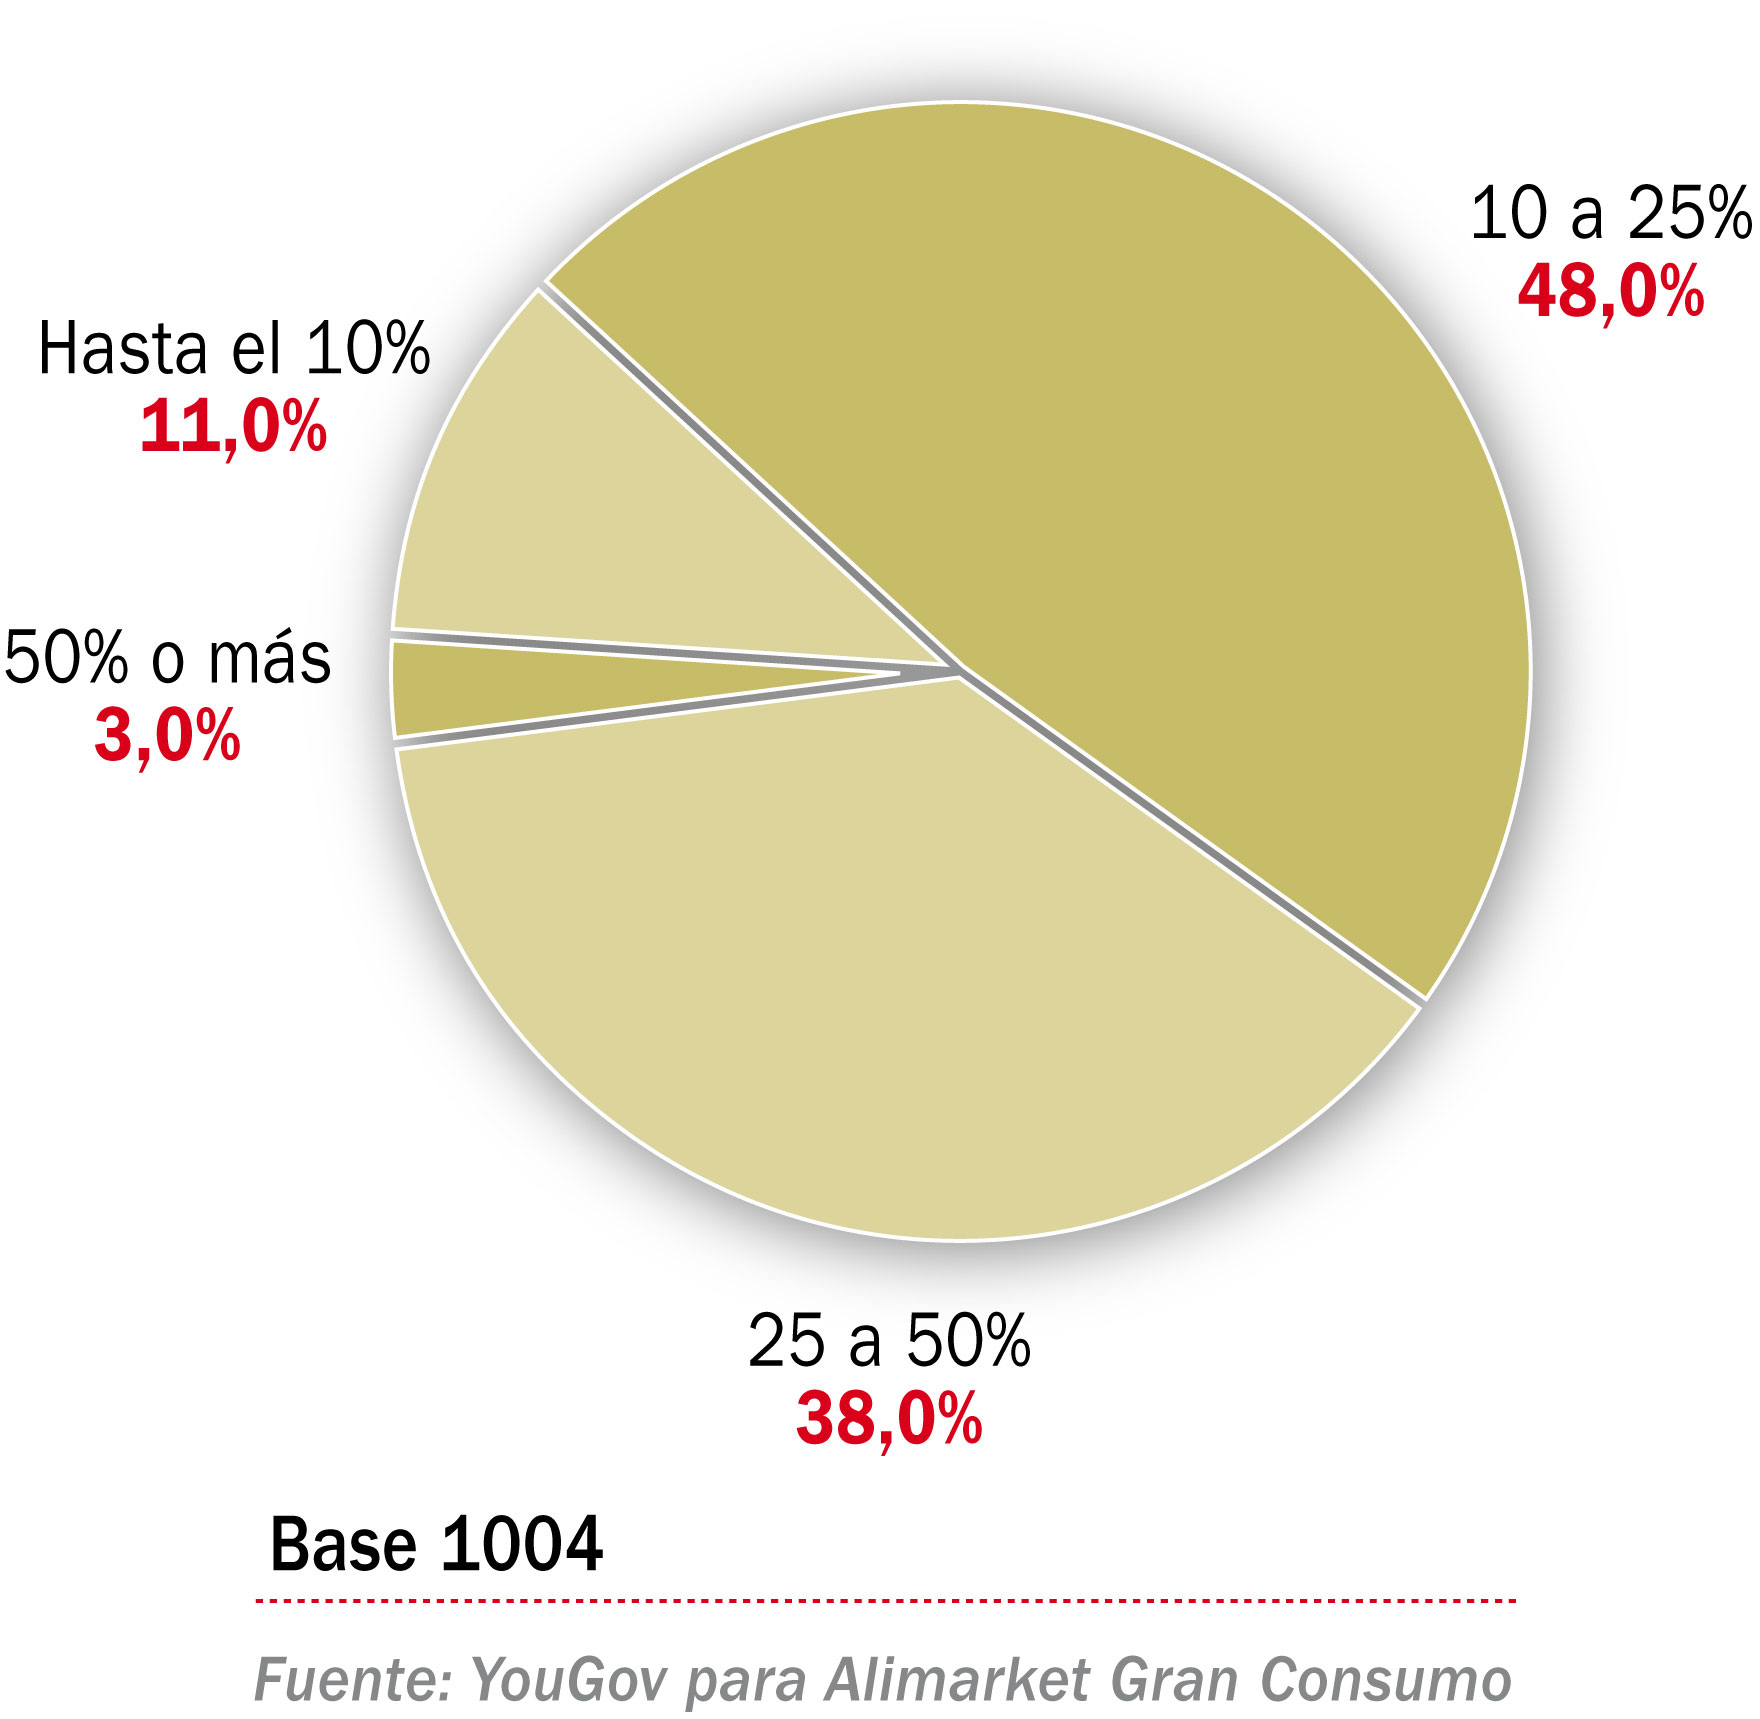 Porcentaje del presupuesto que destina a la compra de frutas y hortalizas